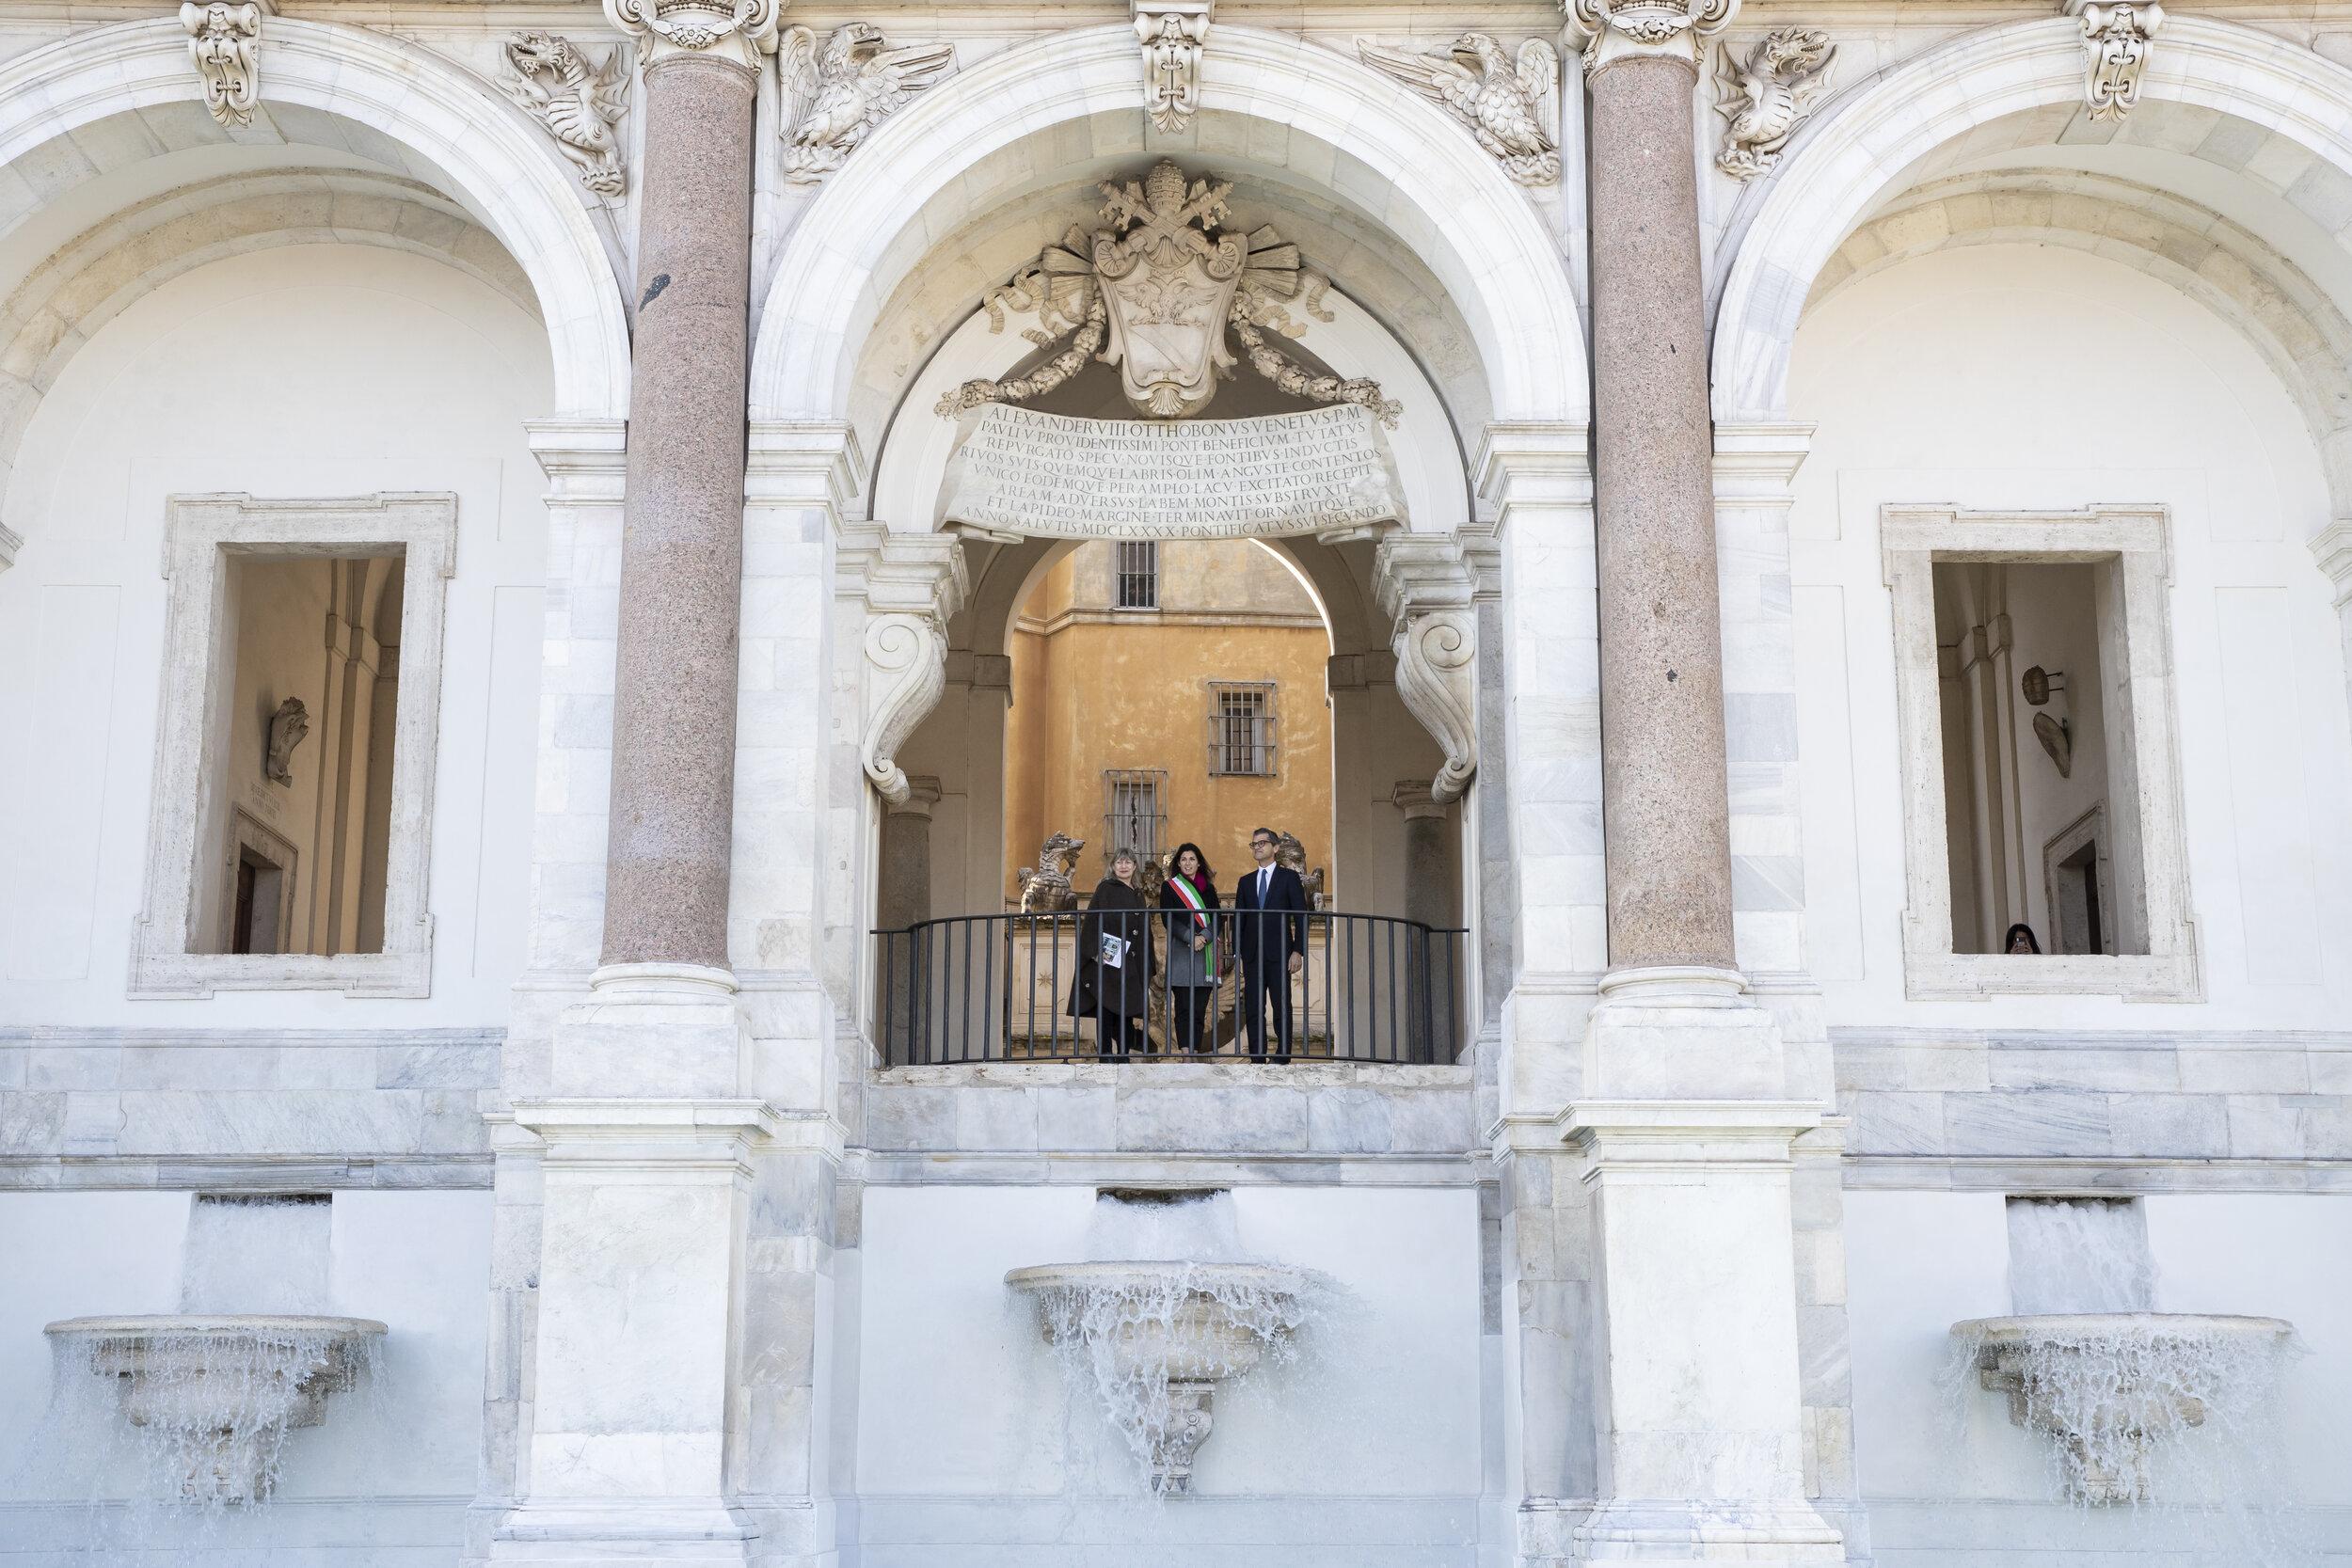 耗资28万欧元,Fendi为罗马修复的四座著名喷泉正式揭幕